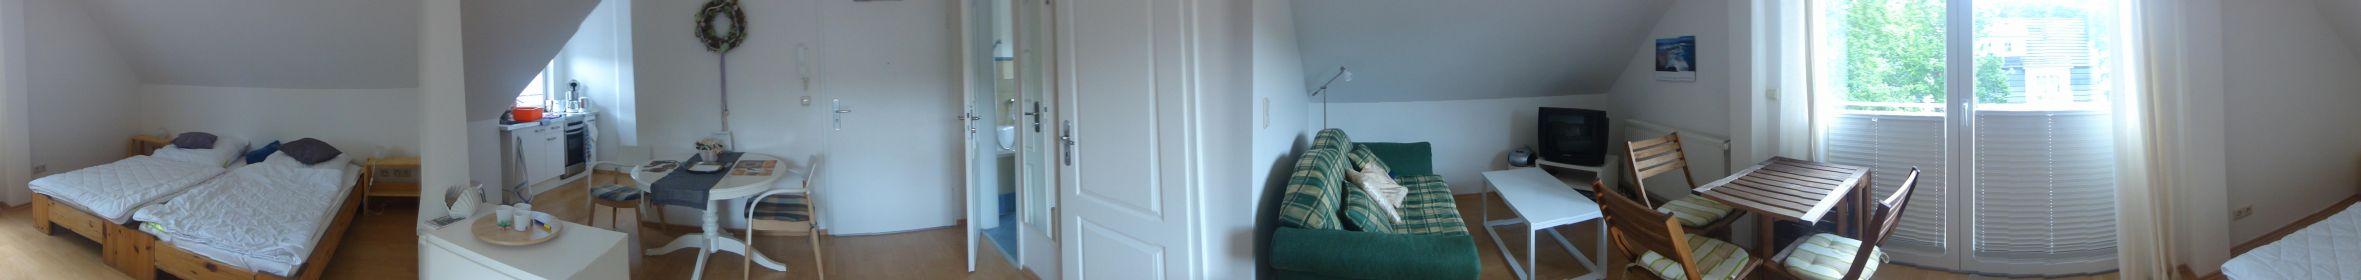 appartement-kleiner-bernstein-5-panorama-1